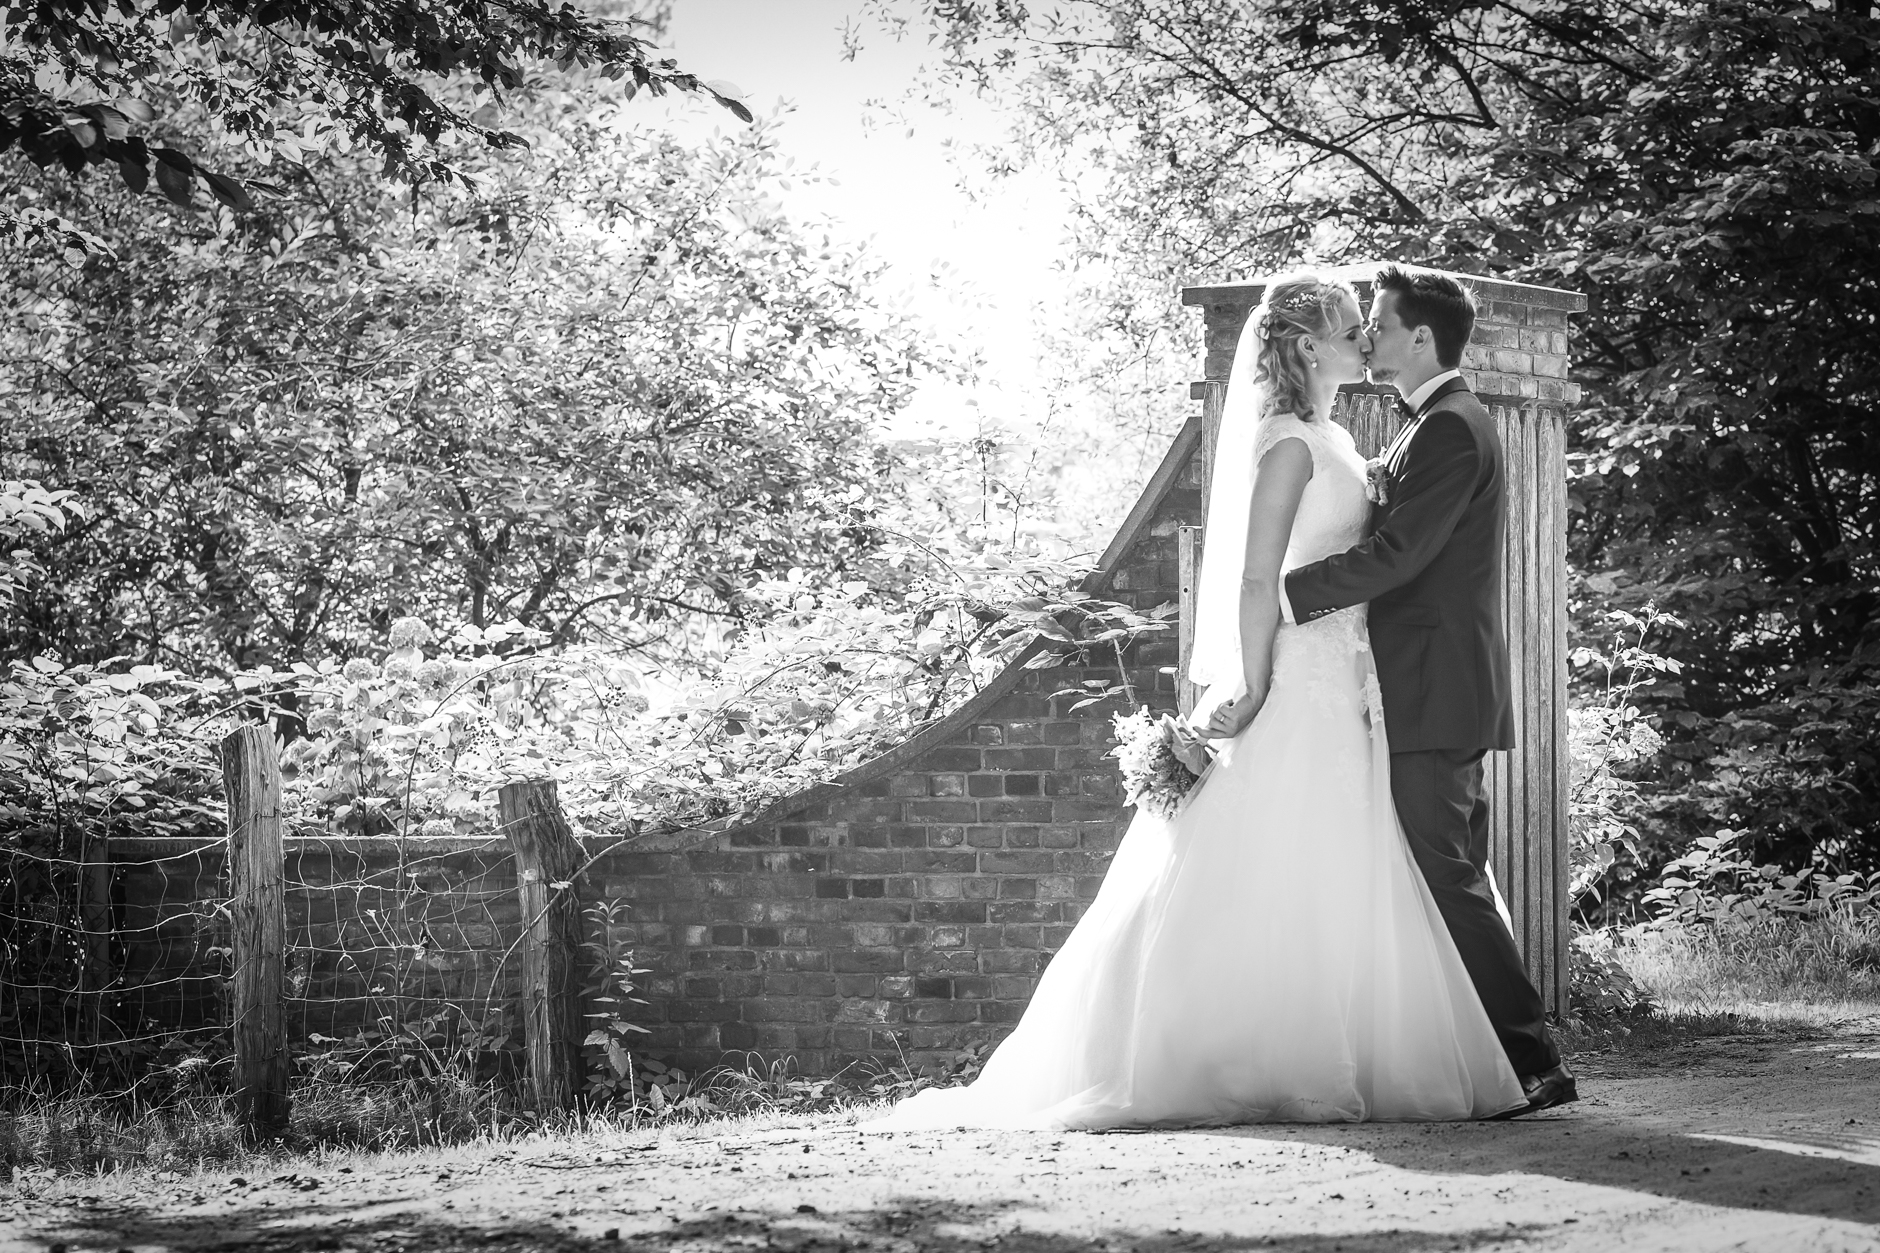 Unsere Hochzeitsbilder gibt es in schwarzweiß oder Farbe ... beides hat seine Stärken